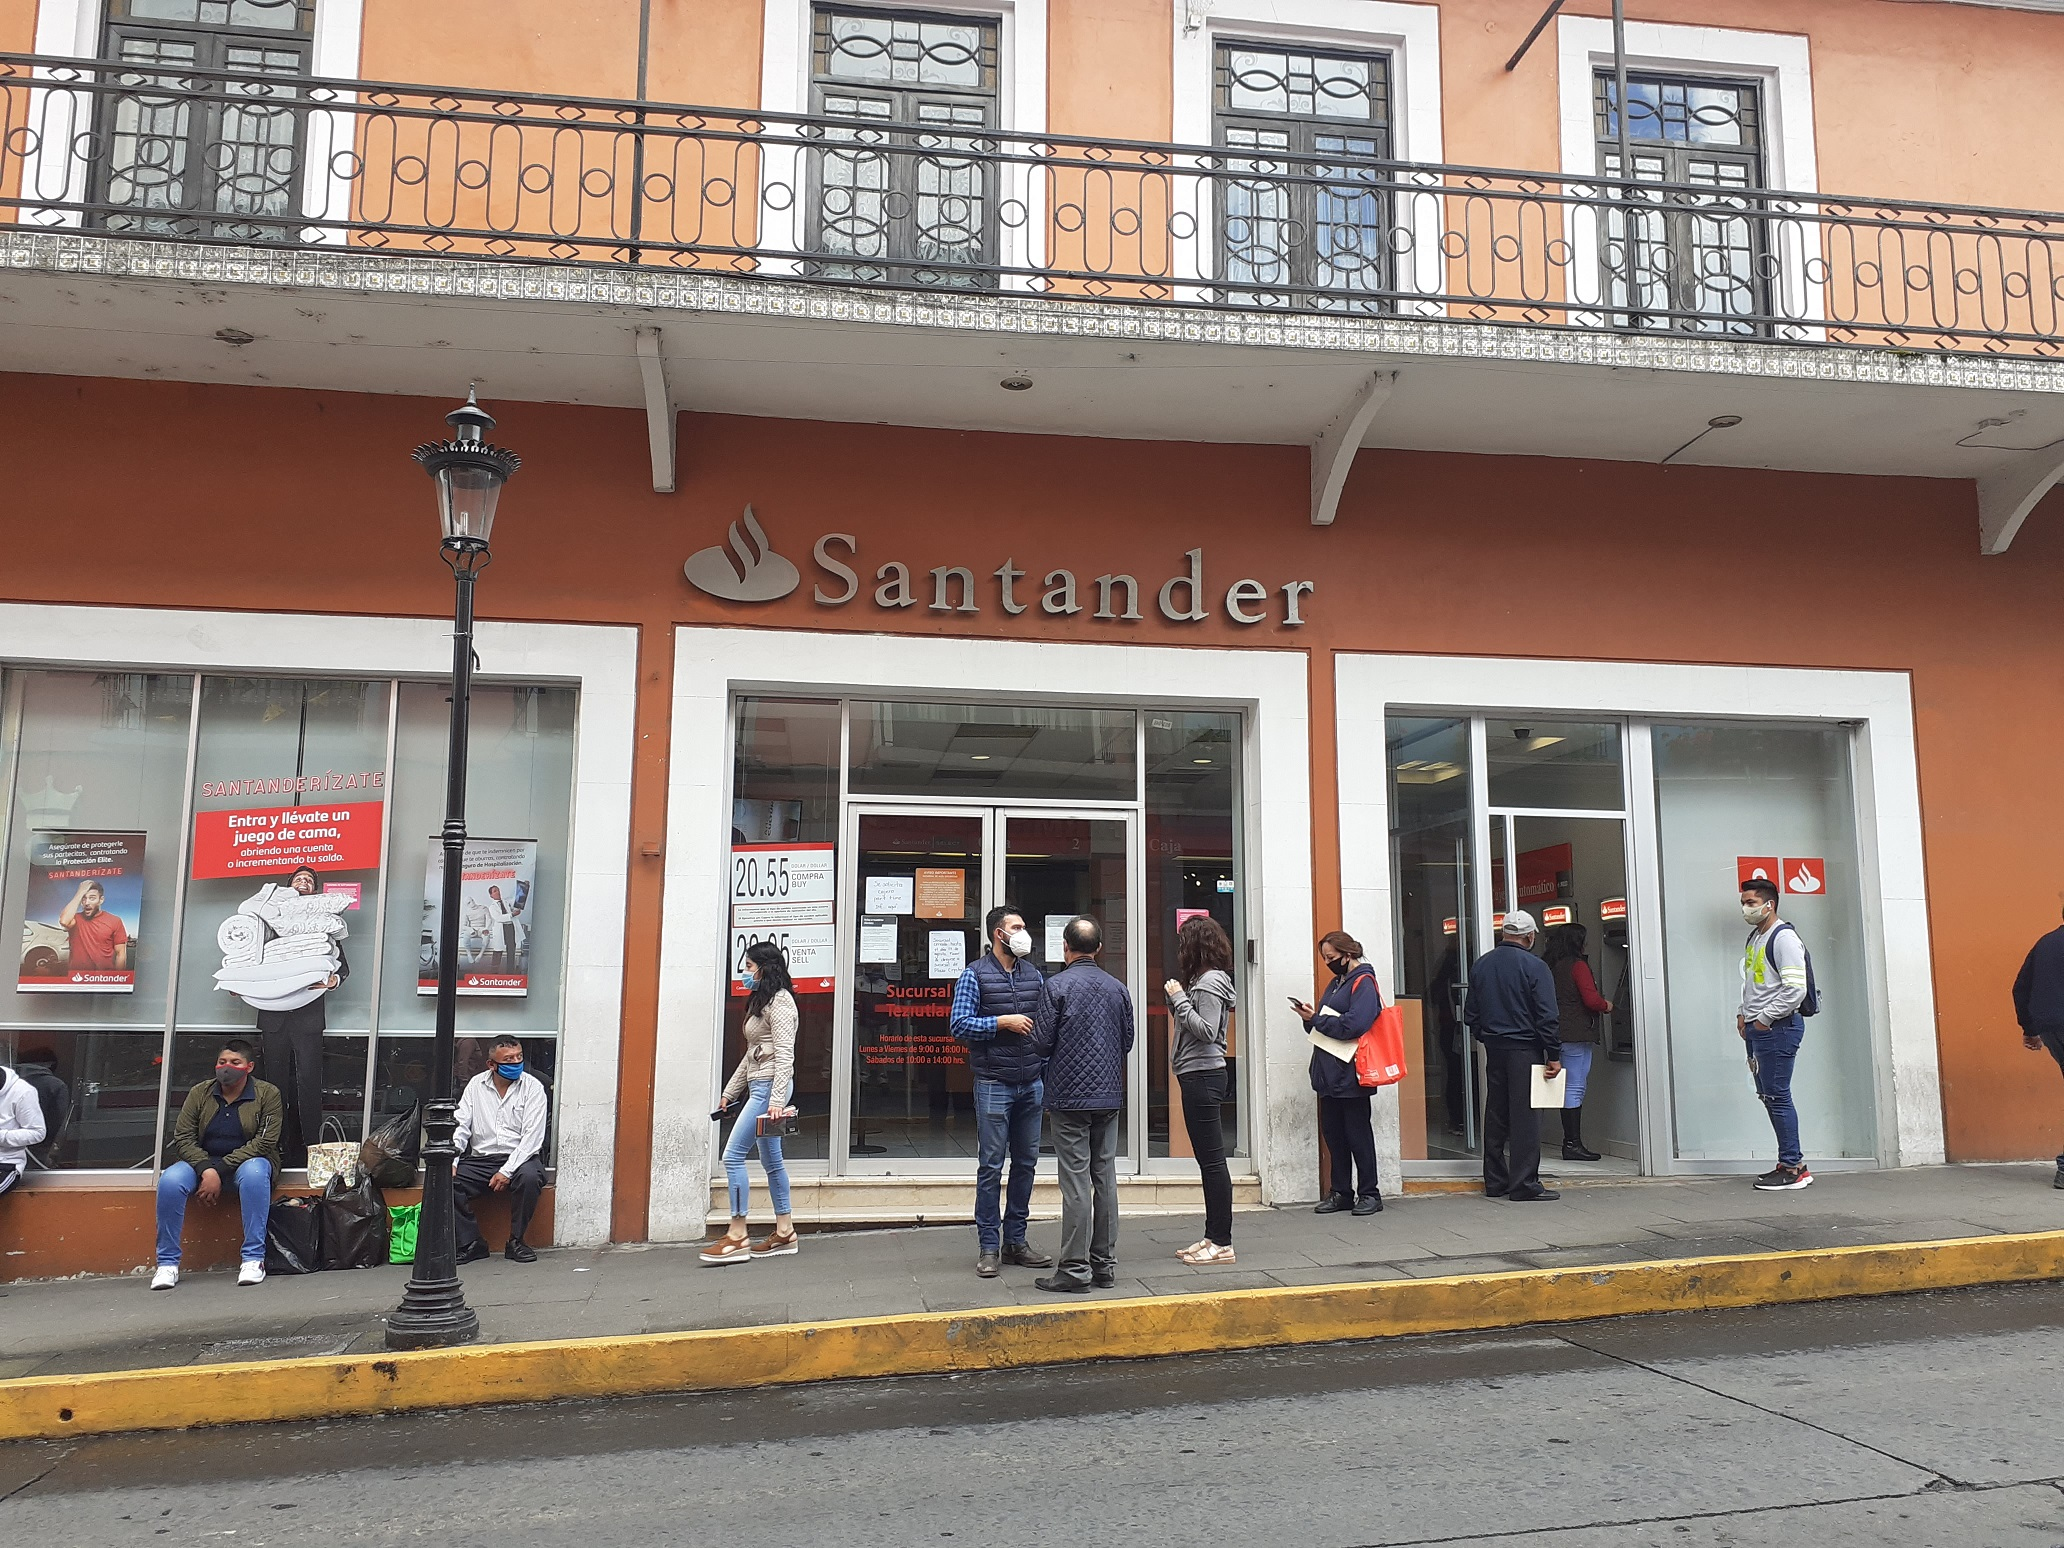 Cierran Bancomer, Scotiabank y Santander en Teziutlán por Covid19